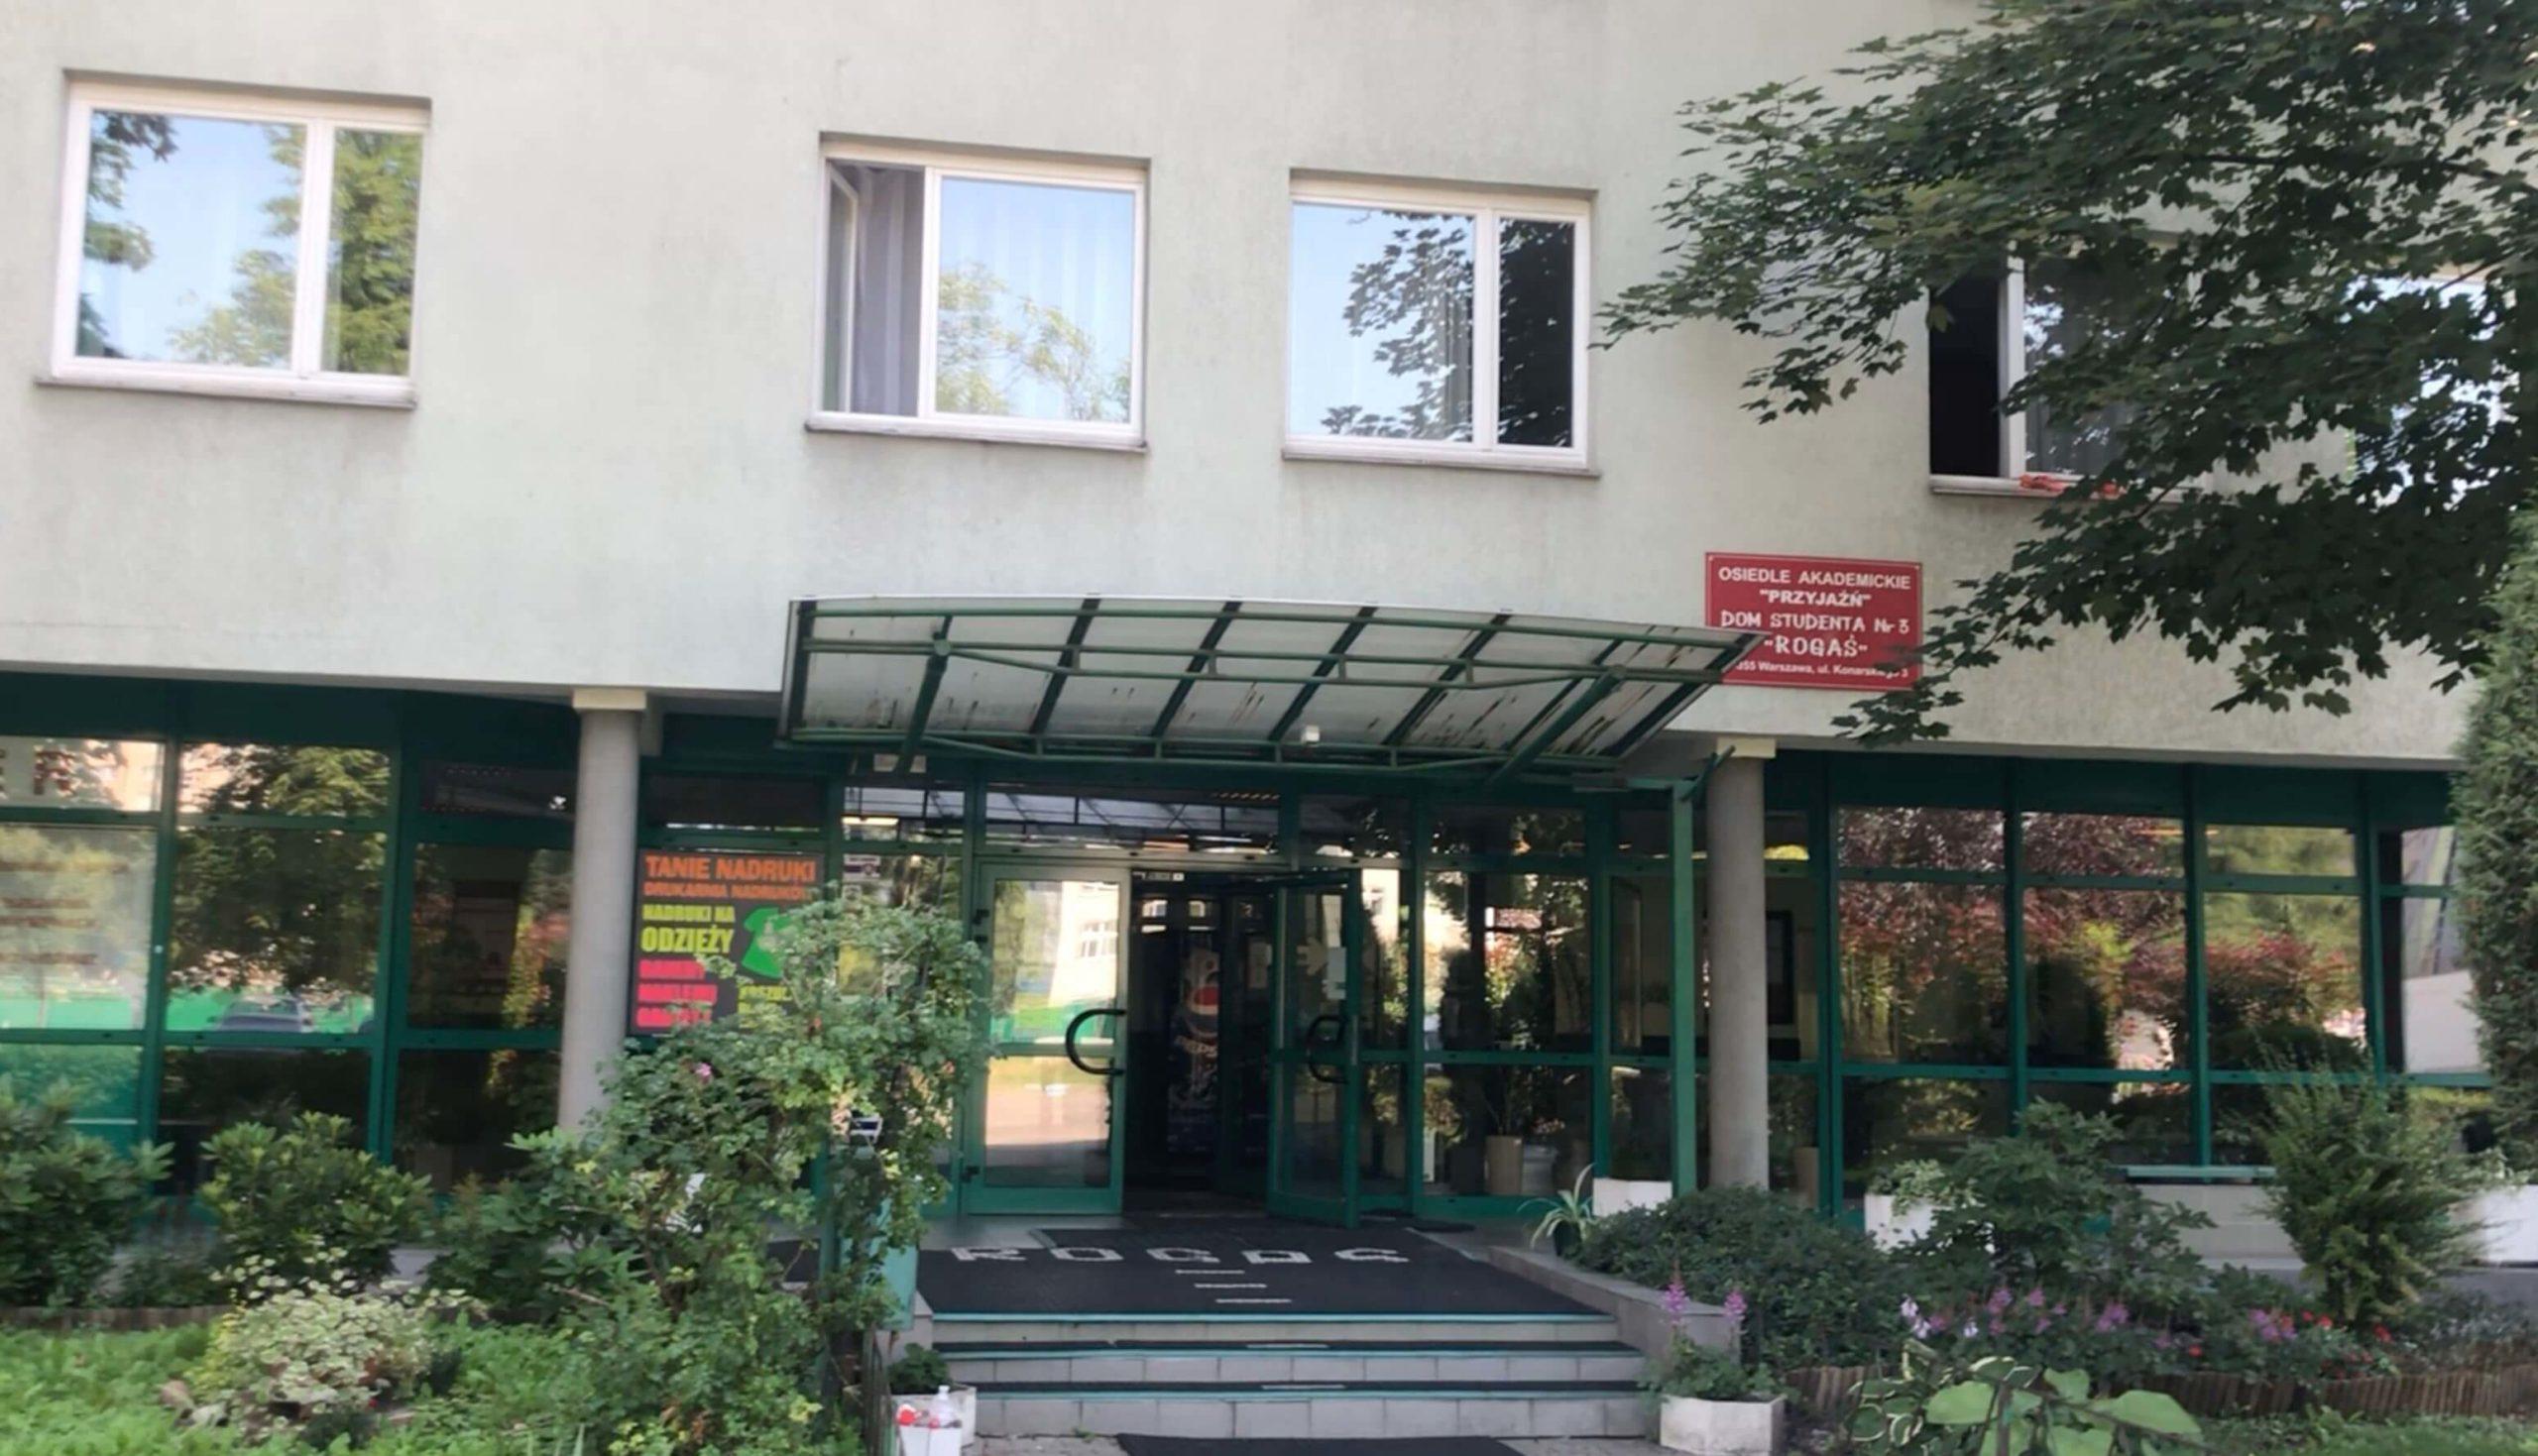 Жилищный вопрос: как студентам живется в общежитии Rogas - UniverPL